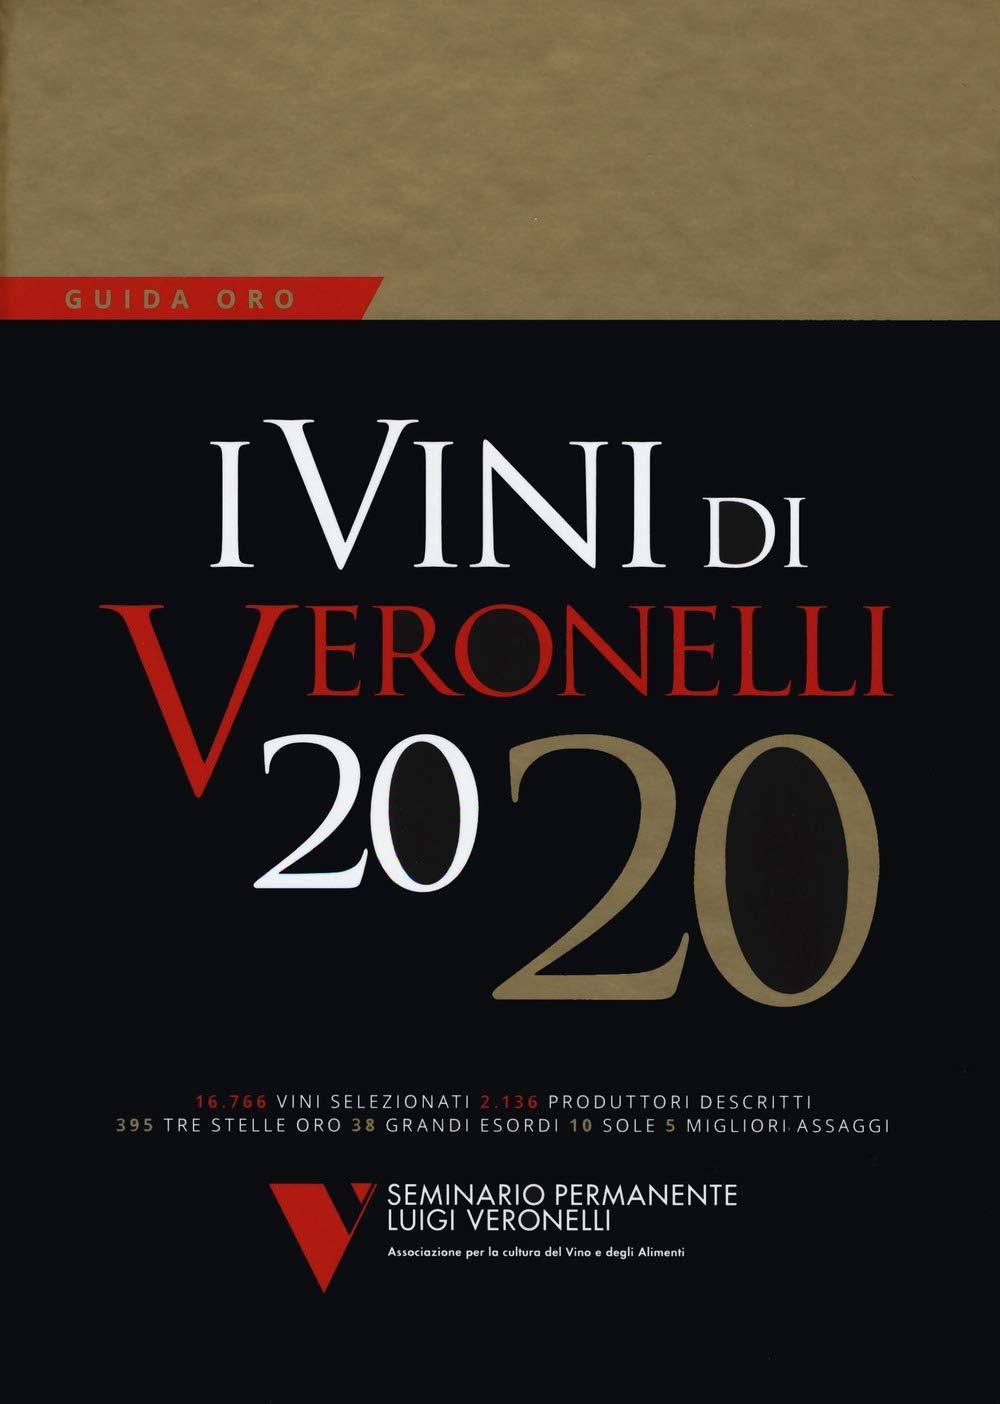 Risultato immagini per i vini di veronelli 2020